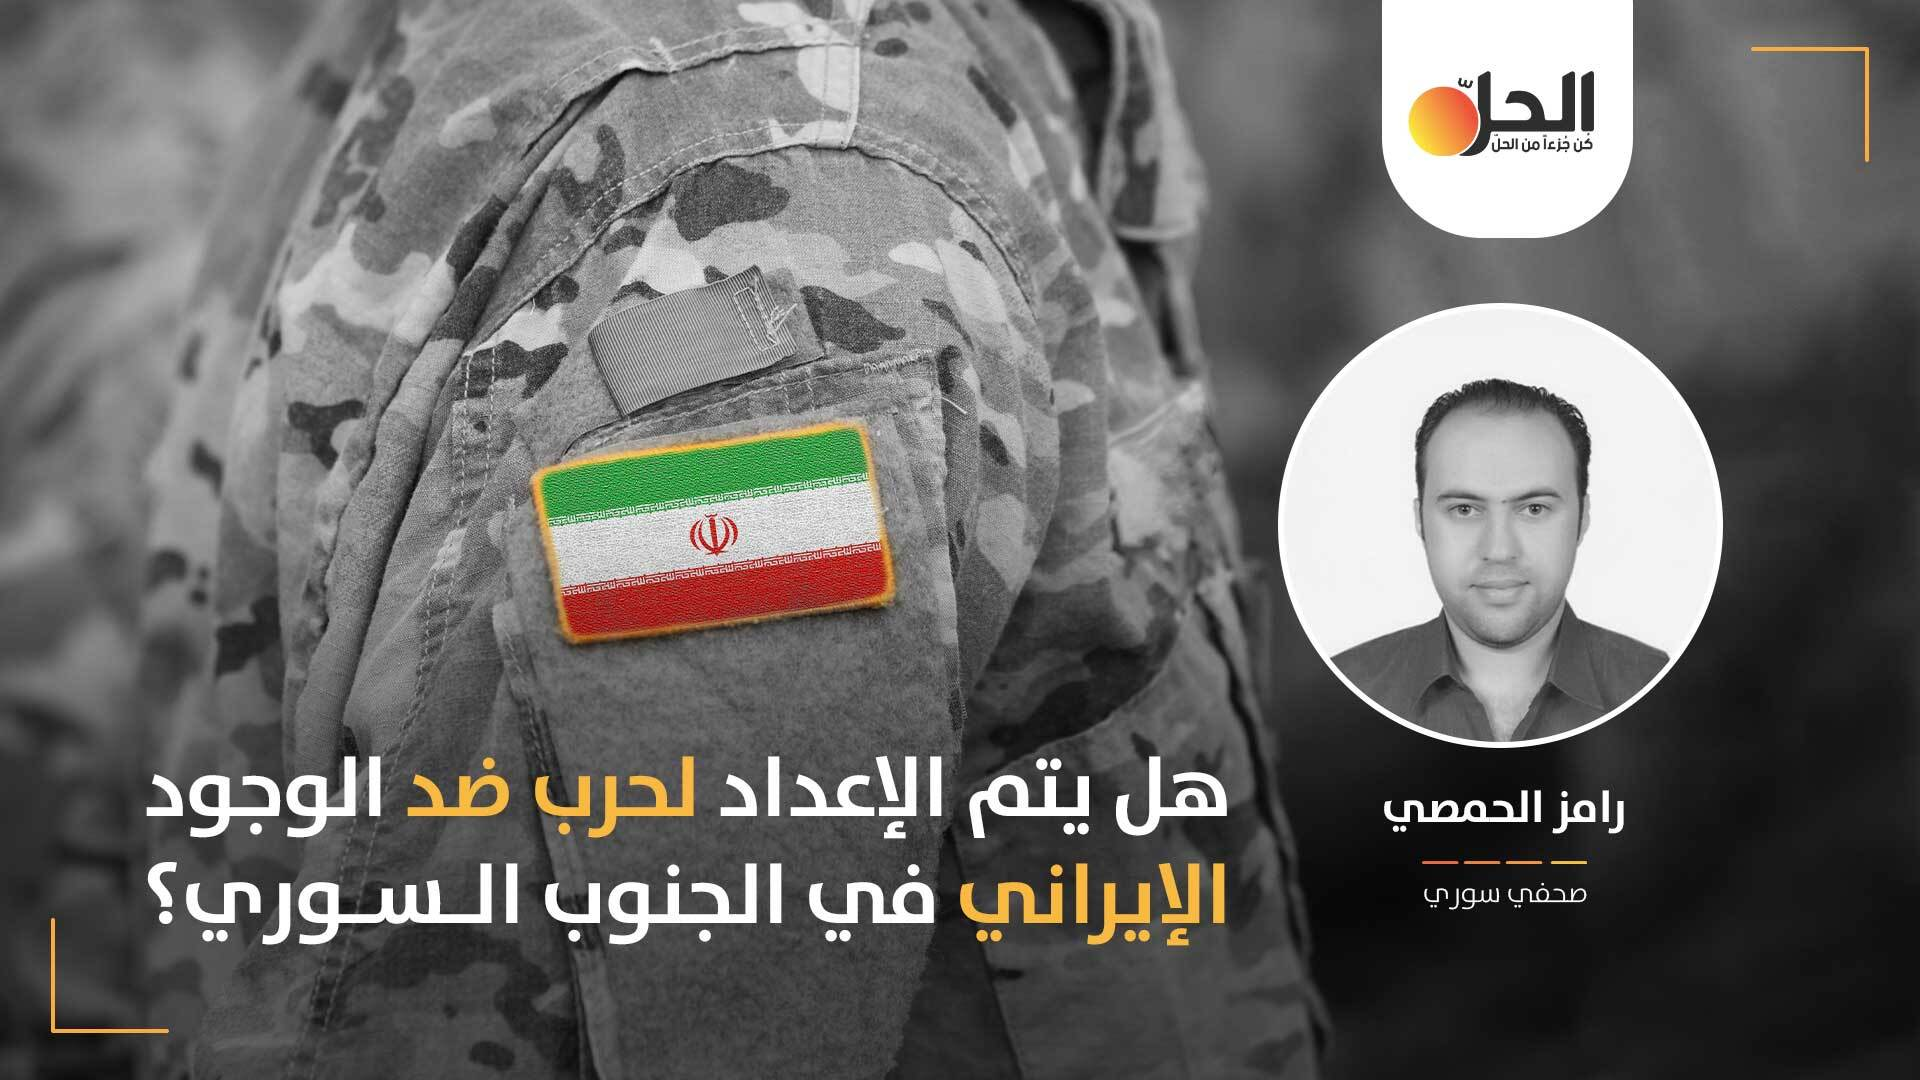 حرب الجنوب السوري الوشيكة: تحركات محلية وإقليمية لضرب النفوذ الإيراني في درعا